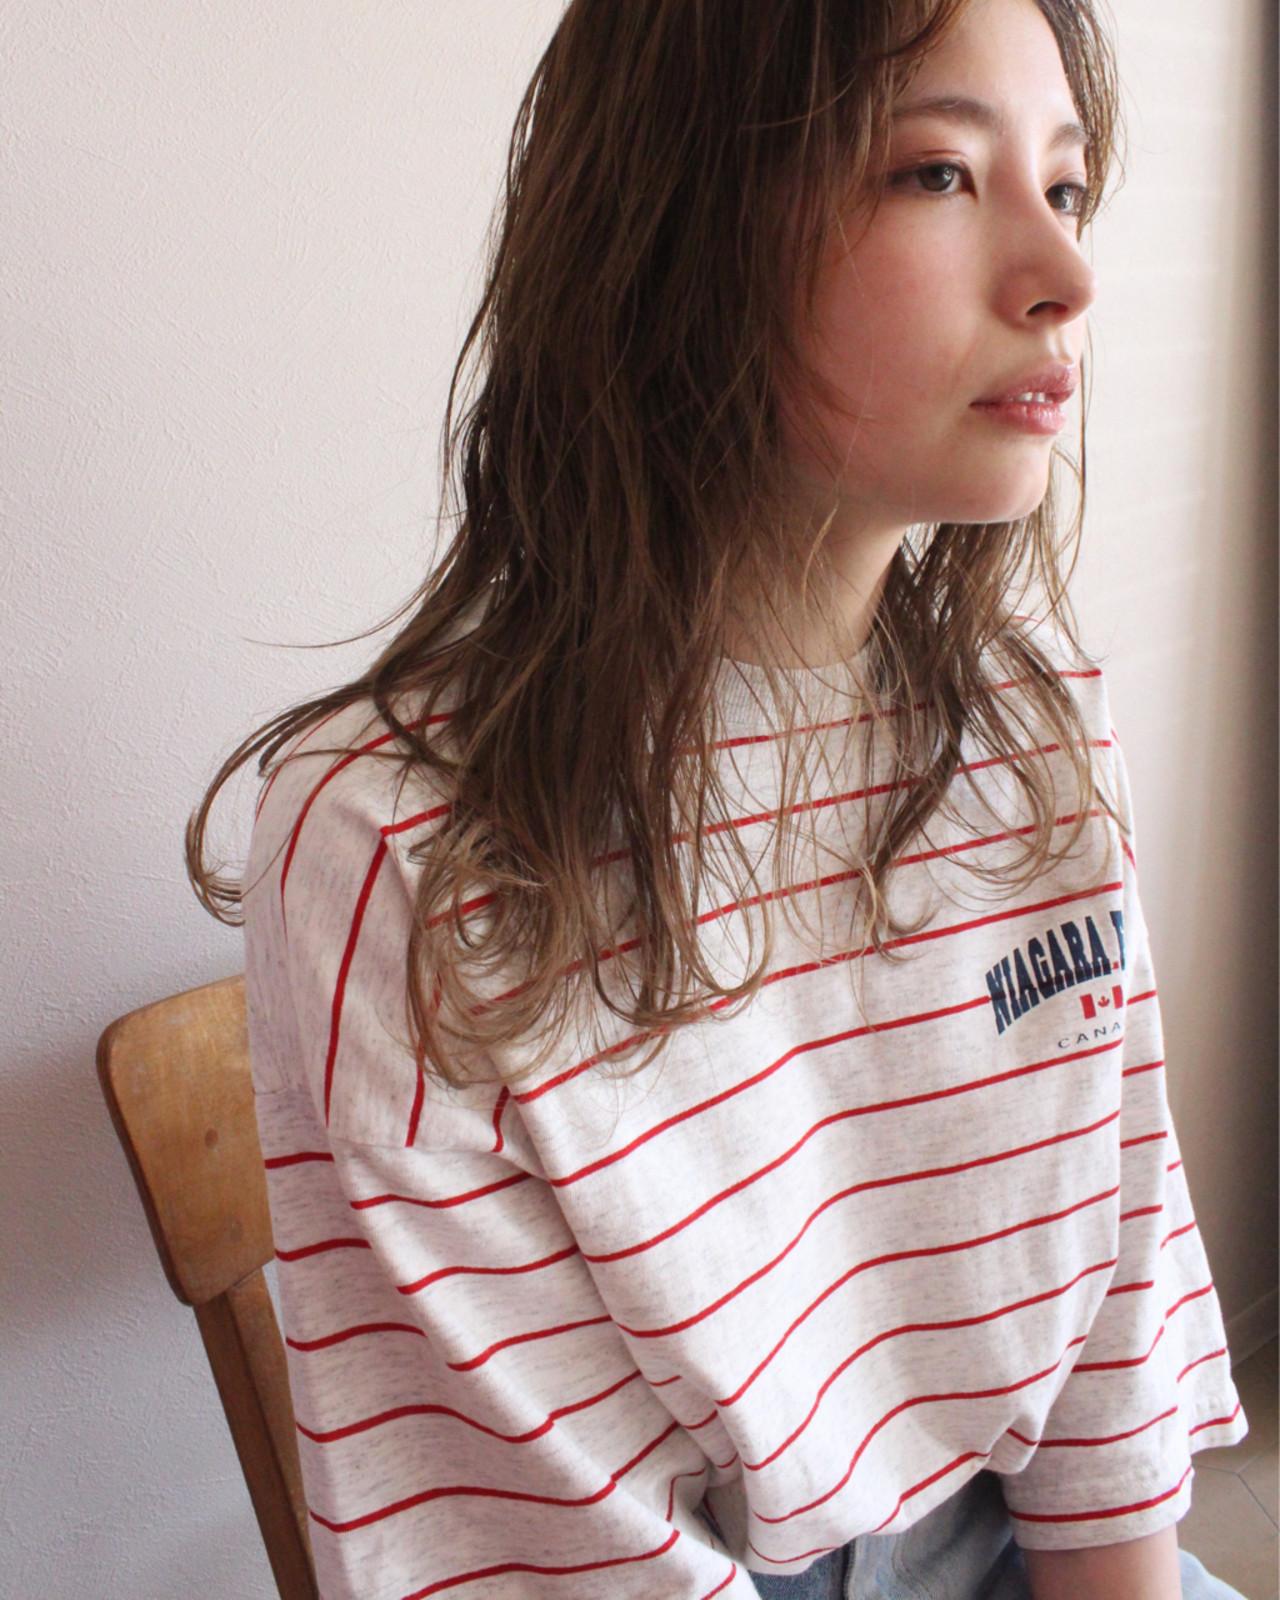 ストリート セミロング ゆるふわ ラフ ヘアスタイルや髪型の写真・画像 | AKIRA HASUNUMA / ILLATOS hair salon